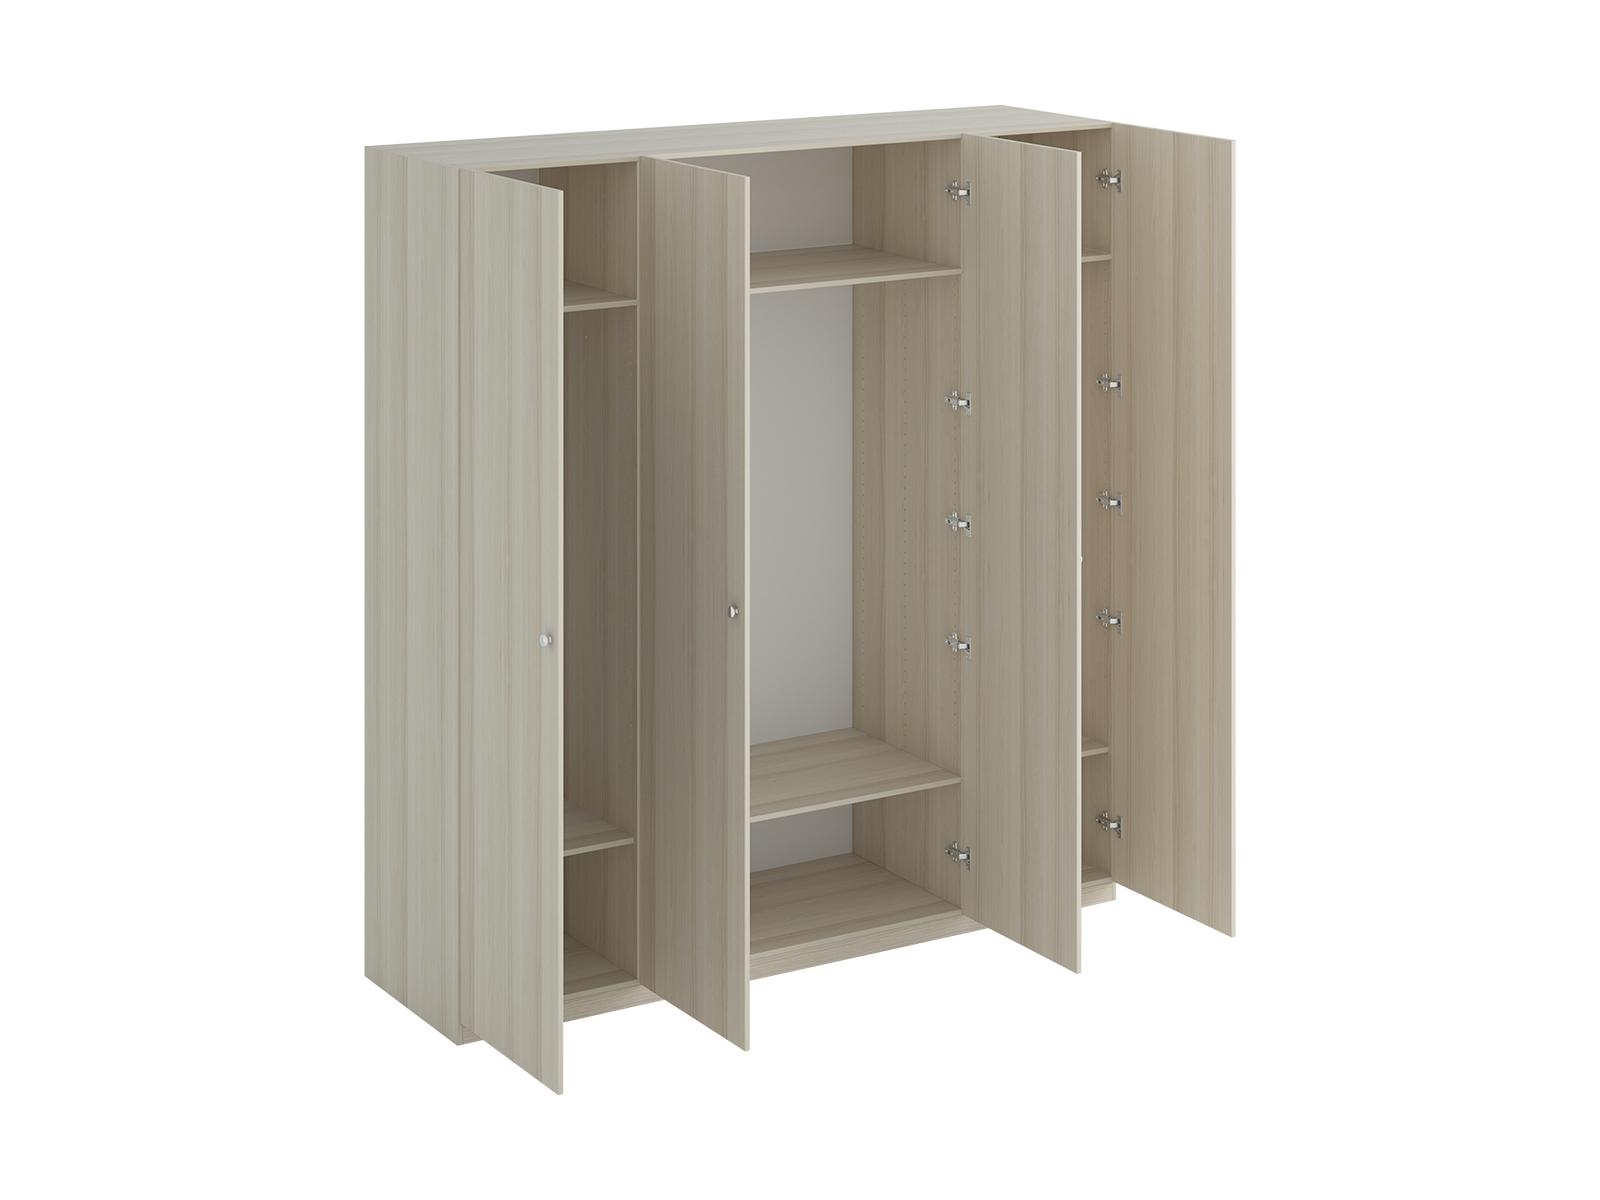 Шкаф Uno Ш4Шкафы<br>Шкаф четырехдверный состоит их трёх отделений. В отделениях расположены верхние стационарные и нижние съемные полки. Шкаф установлен на регулируемые опоры. Данную мебель рекомендуется крепить к стене. Ручки и внутренние элементы продаются отдельно.<br>